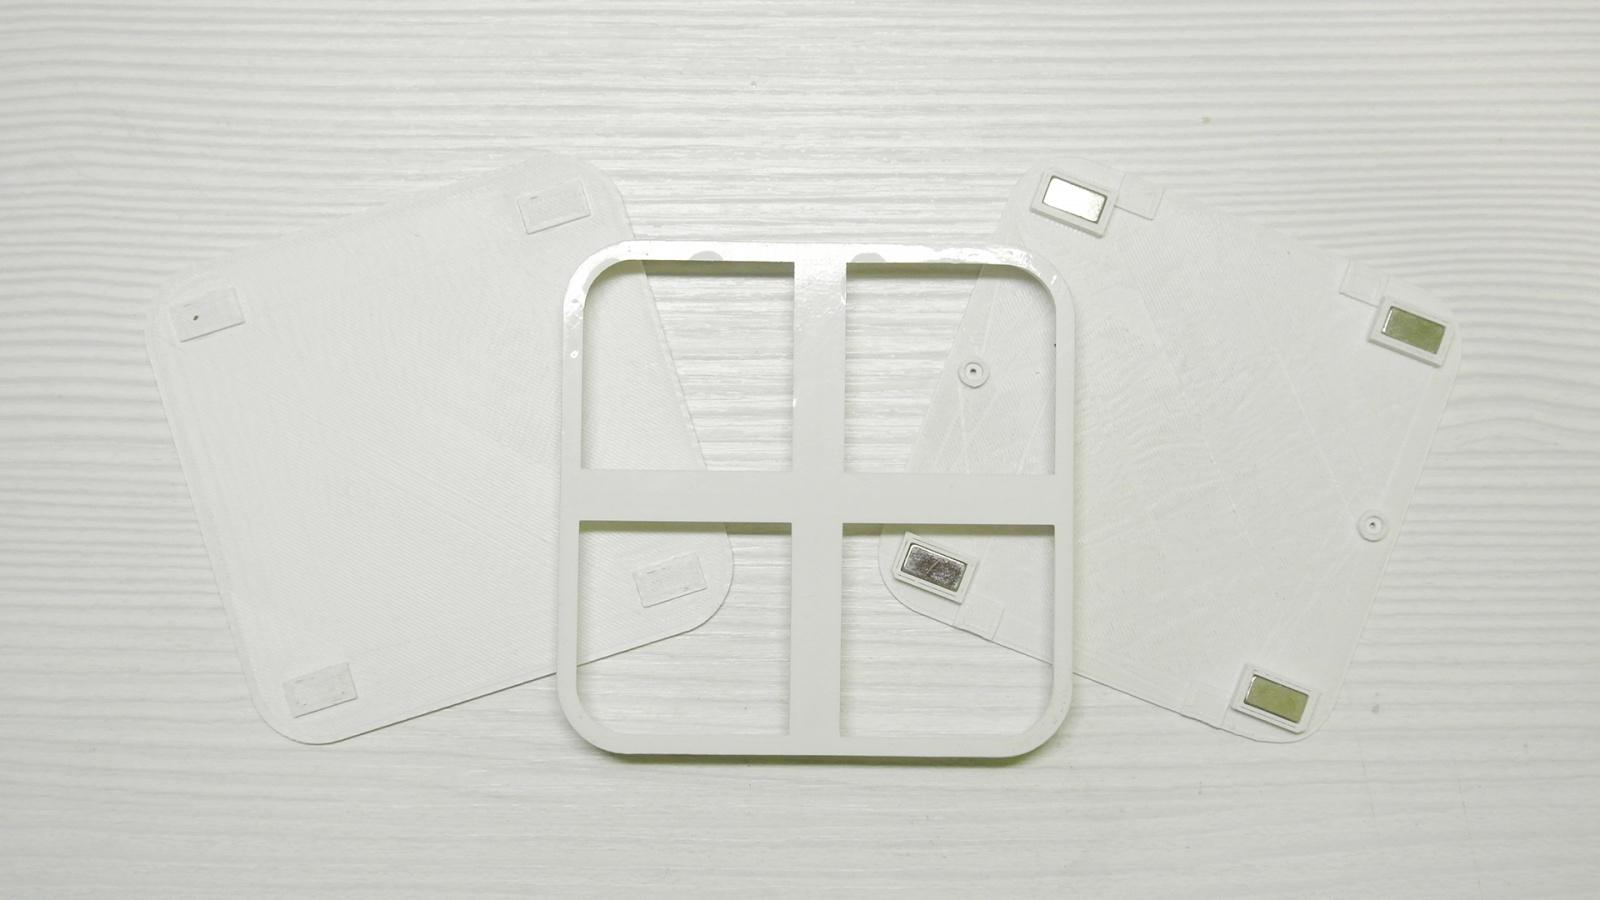 Разработка сенсорного Z-Wave выключателя на аккумуляторе со светящимися кнопками - 3